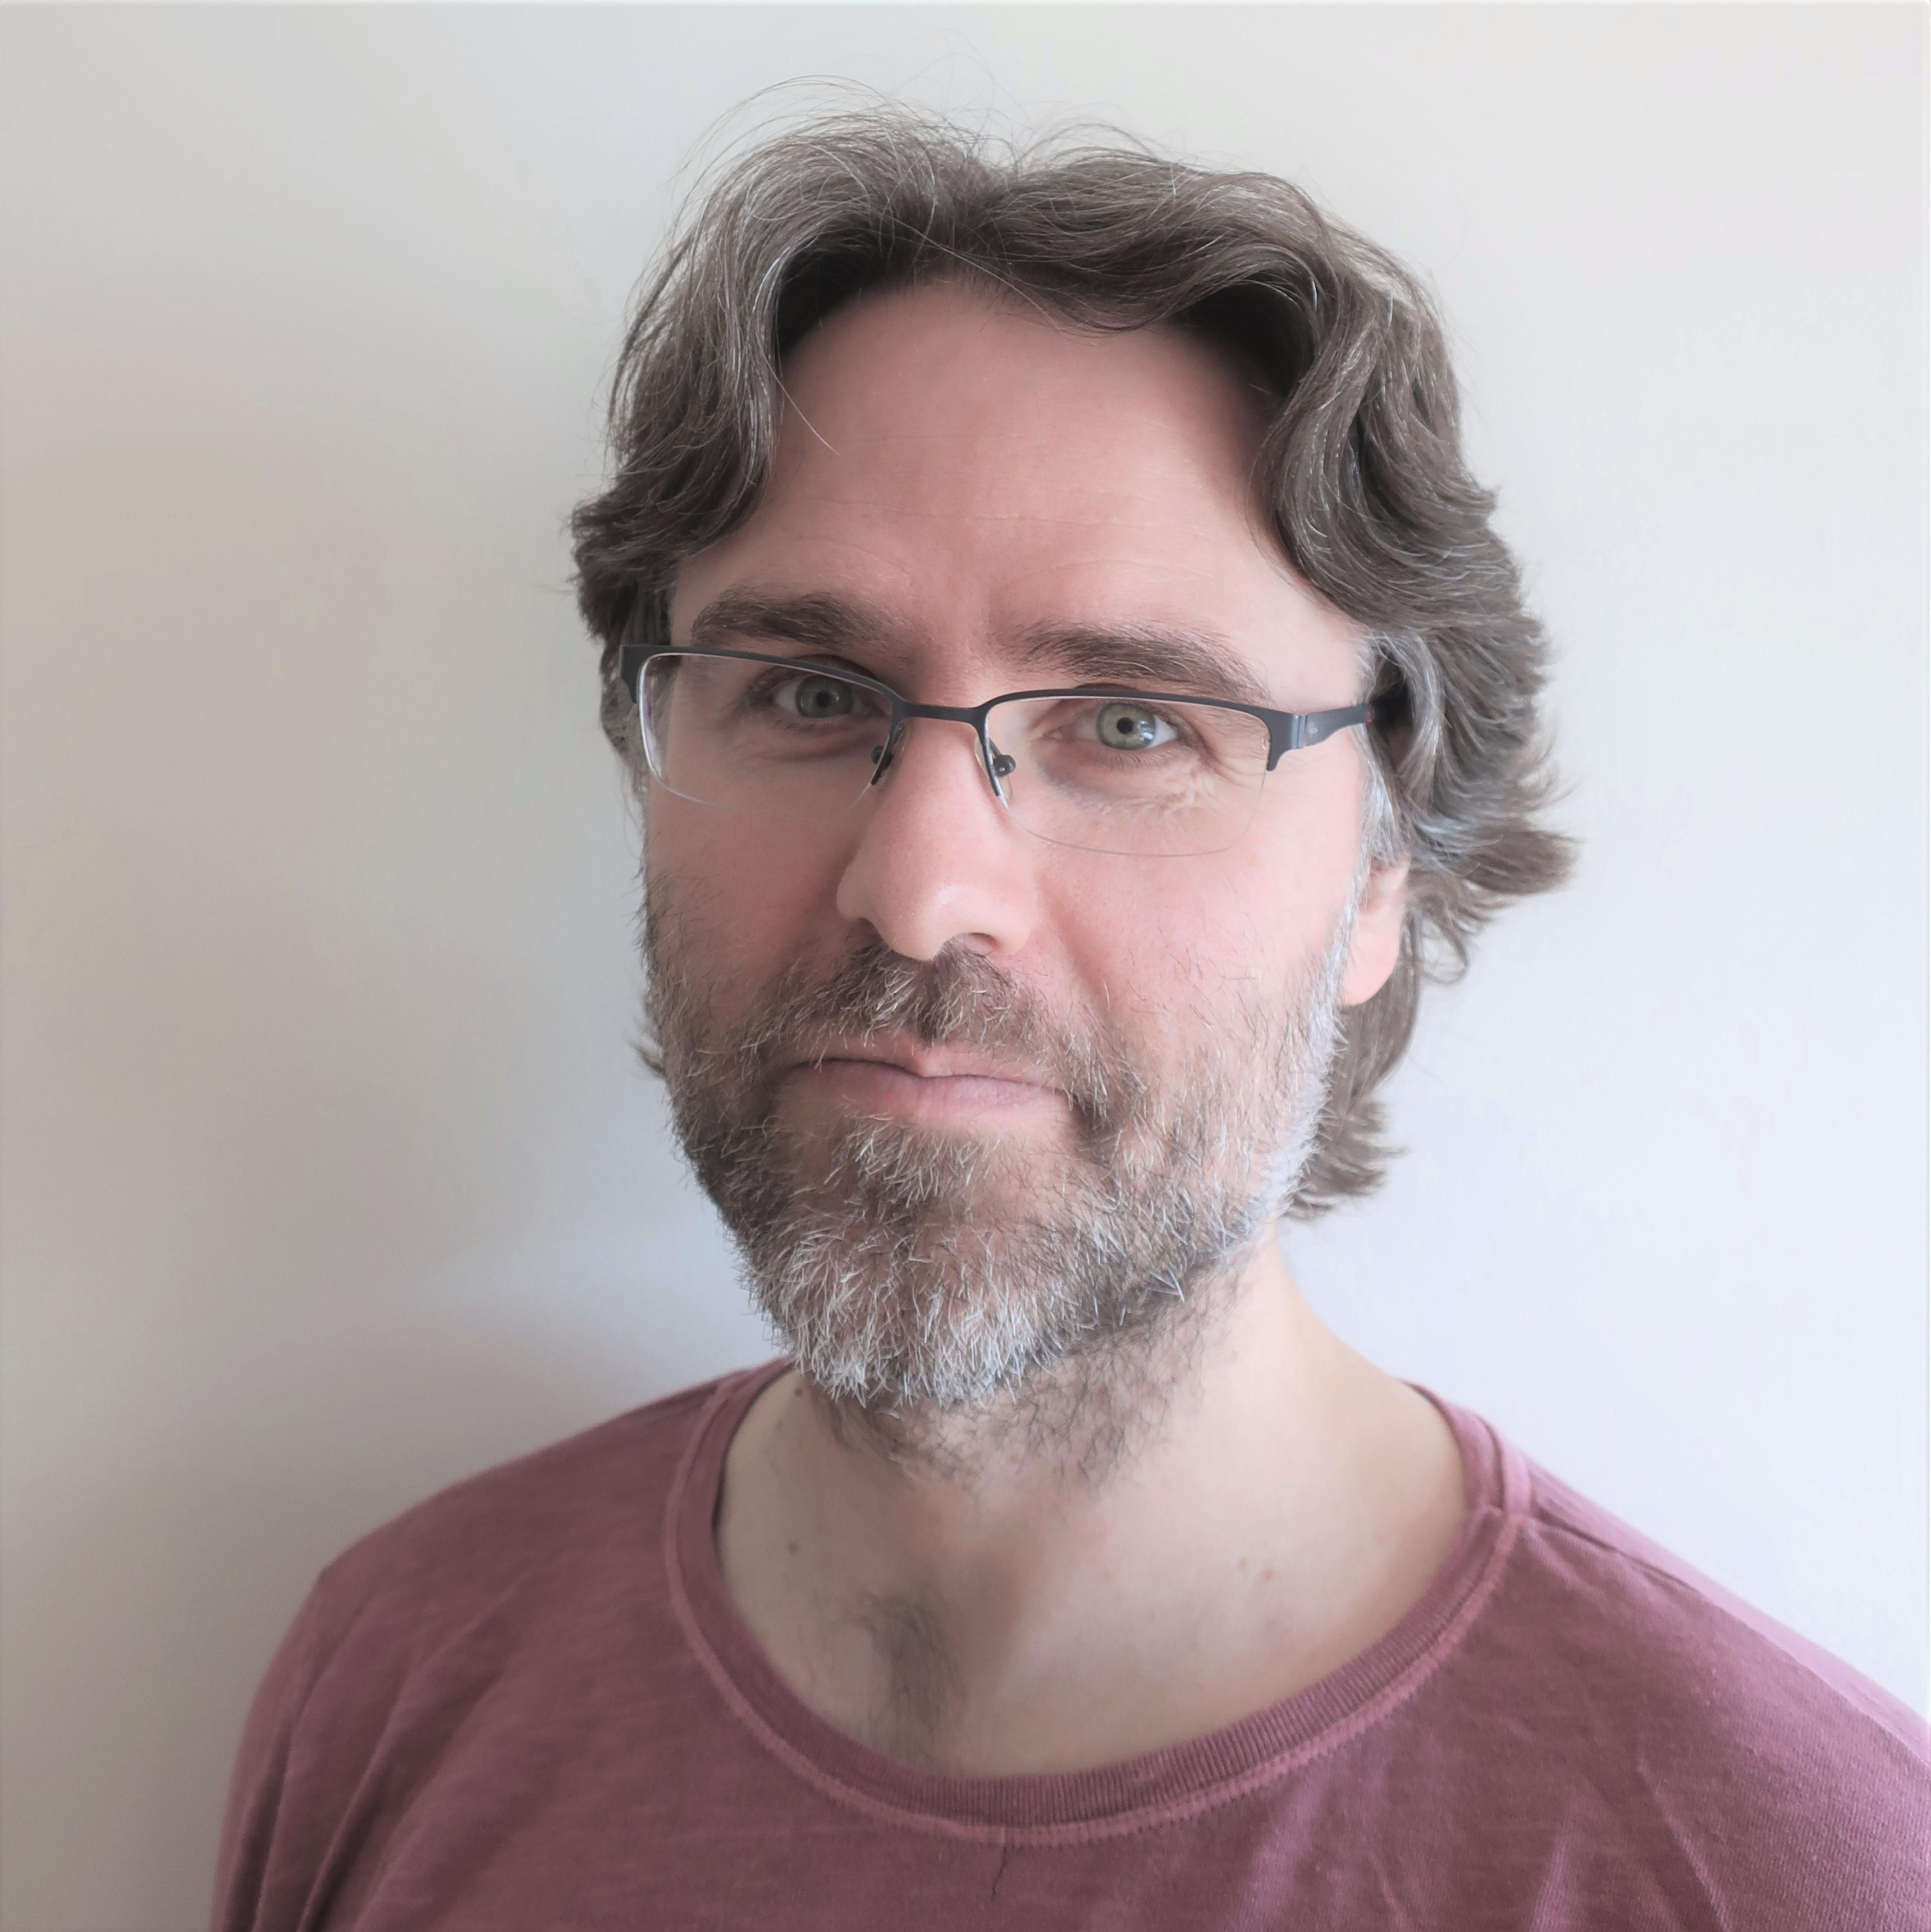 Massage bien-être à Paris - Frédéric Viaux - Masseur professionnel